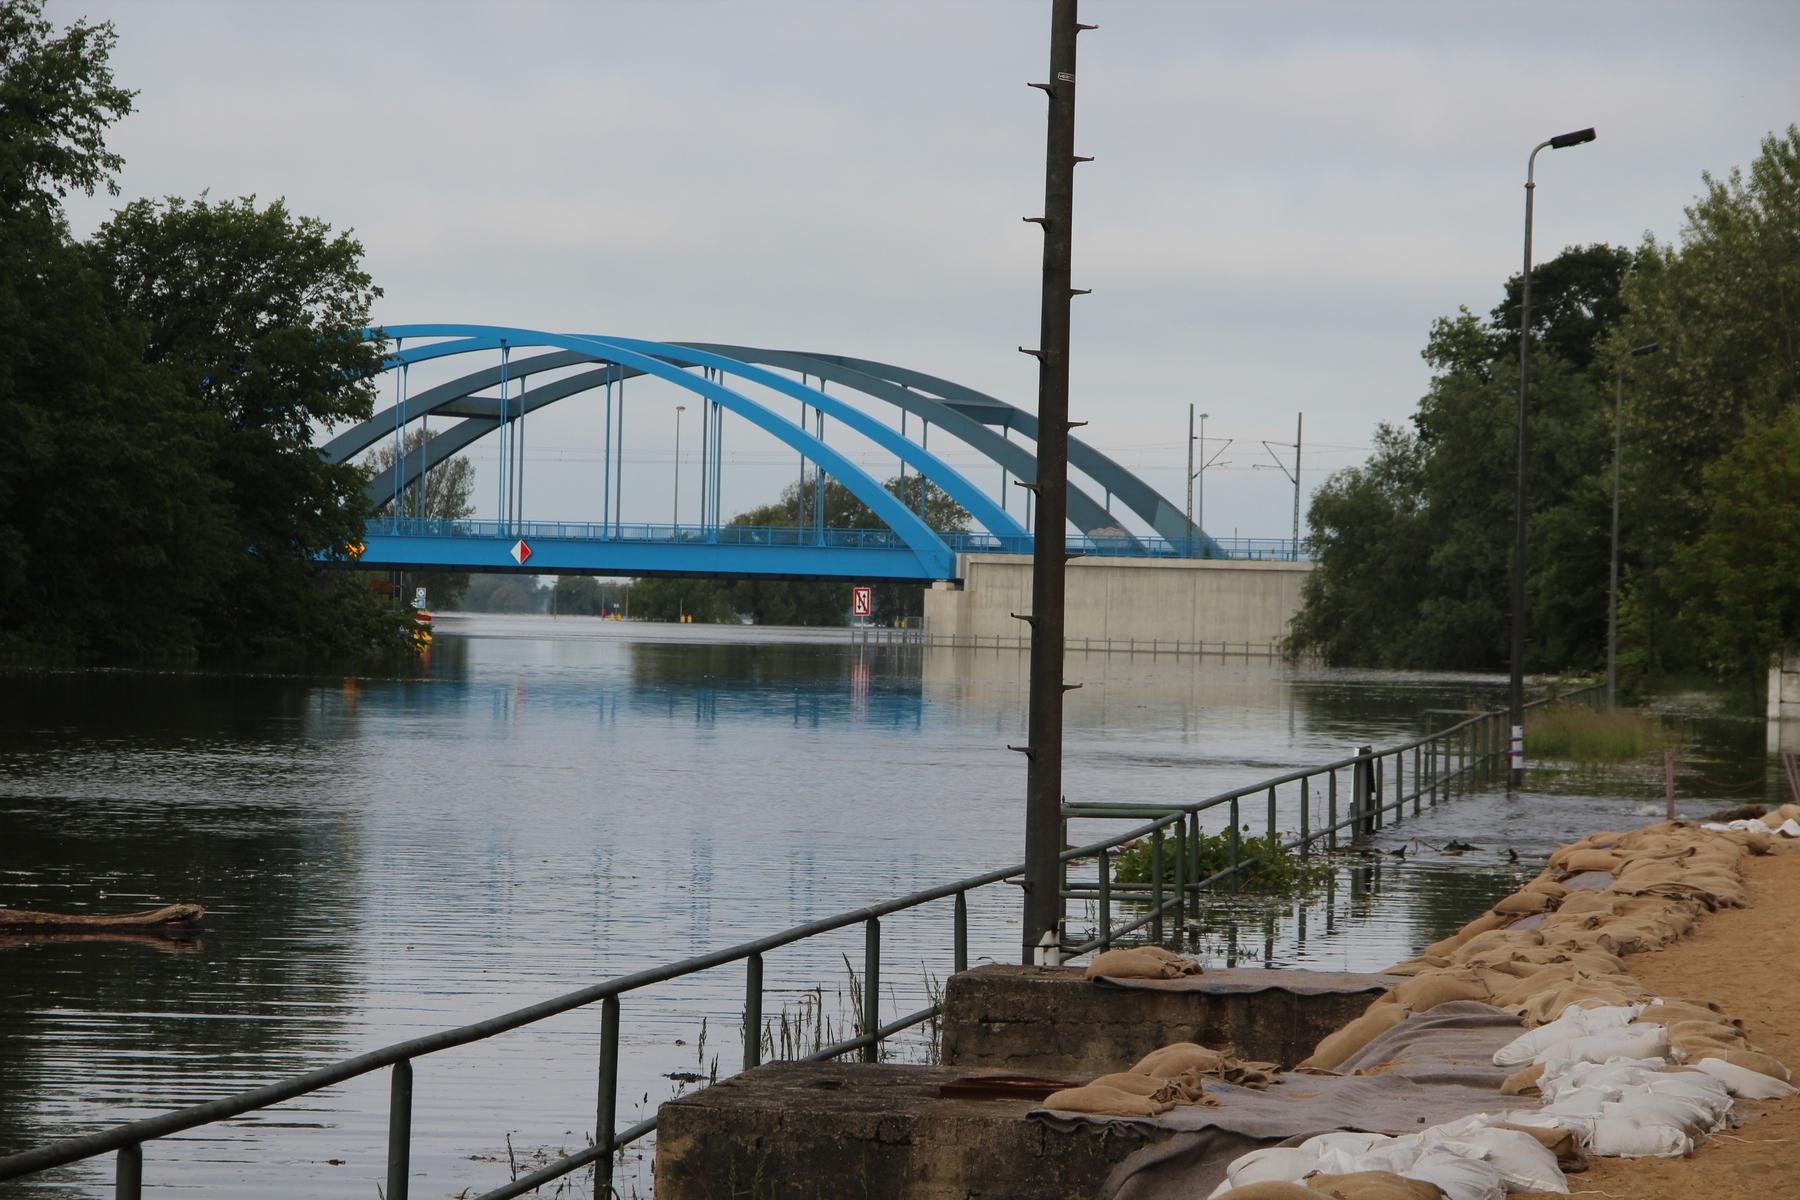 Wasserstand Elbe Wittenberge